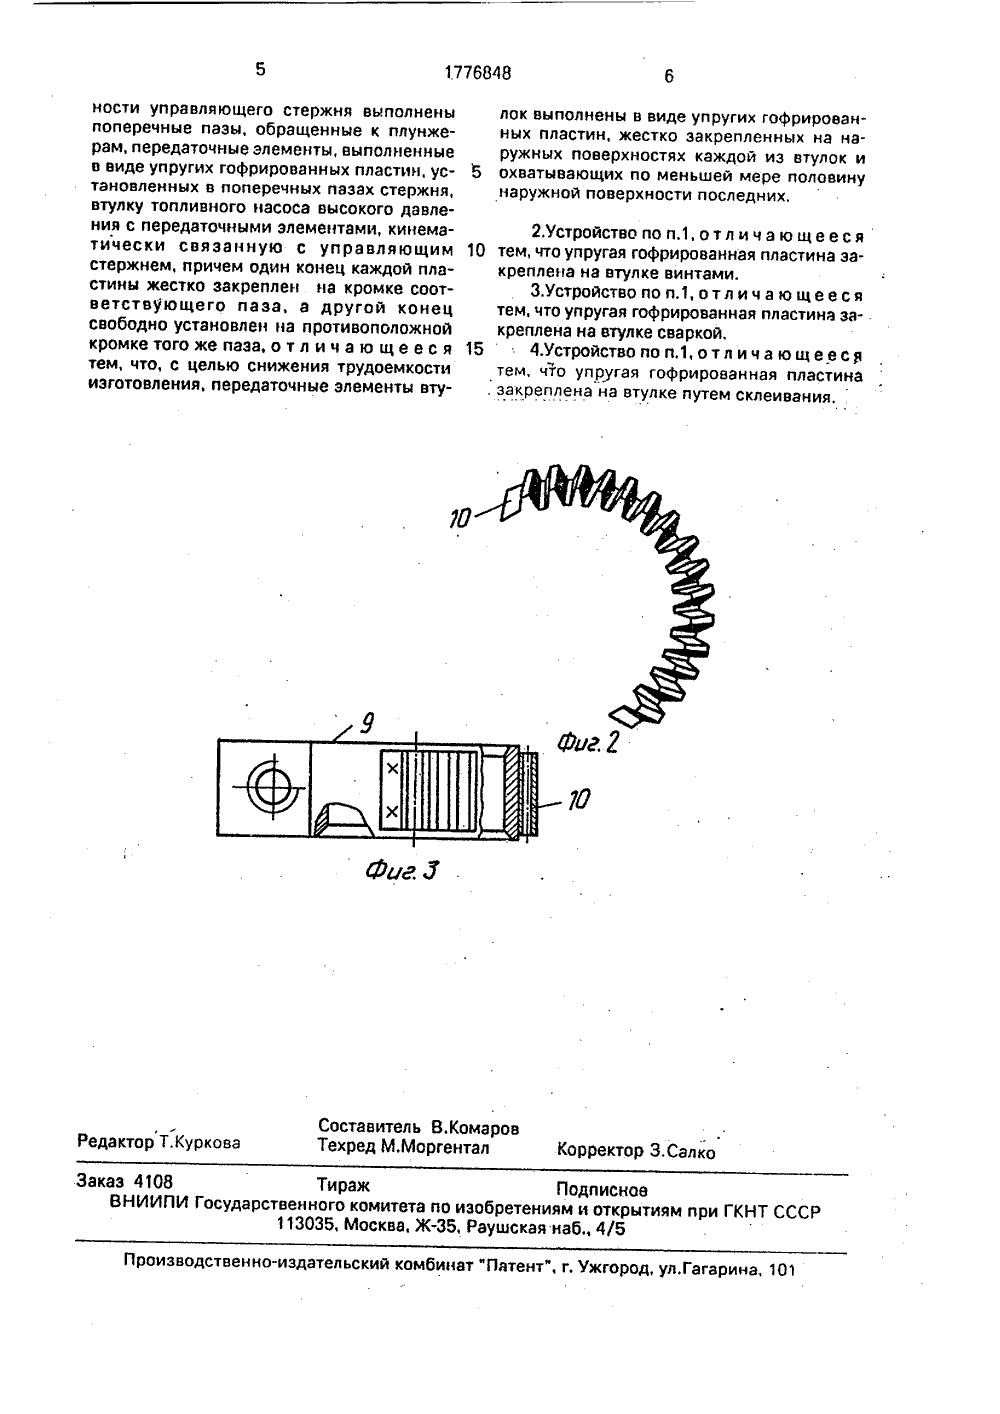 топливный насос высокого давления схема топливопадачи